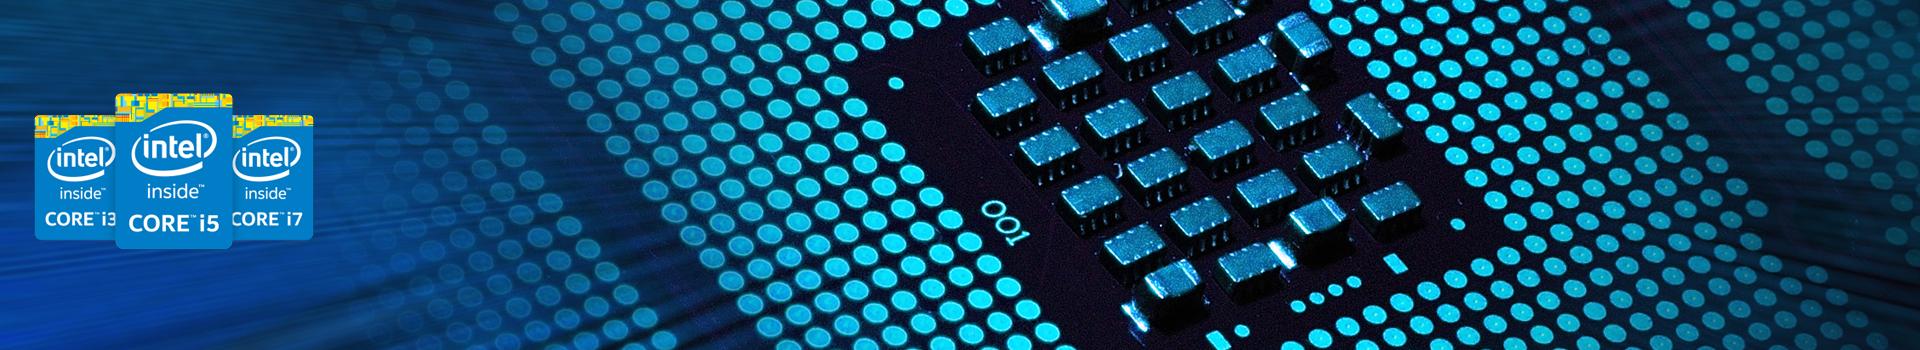 Het verschil tussen Intel Core I3, I5 en I7